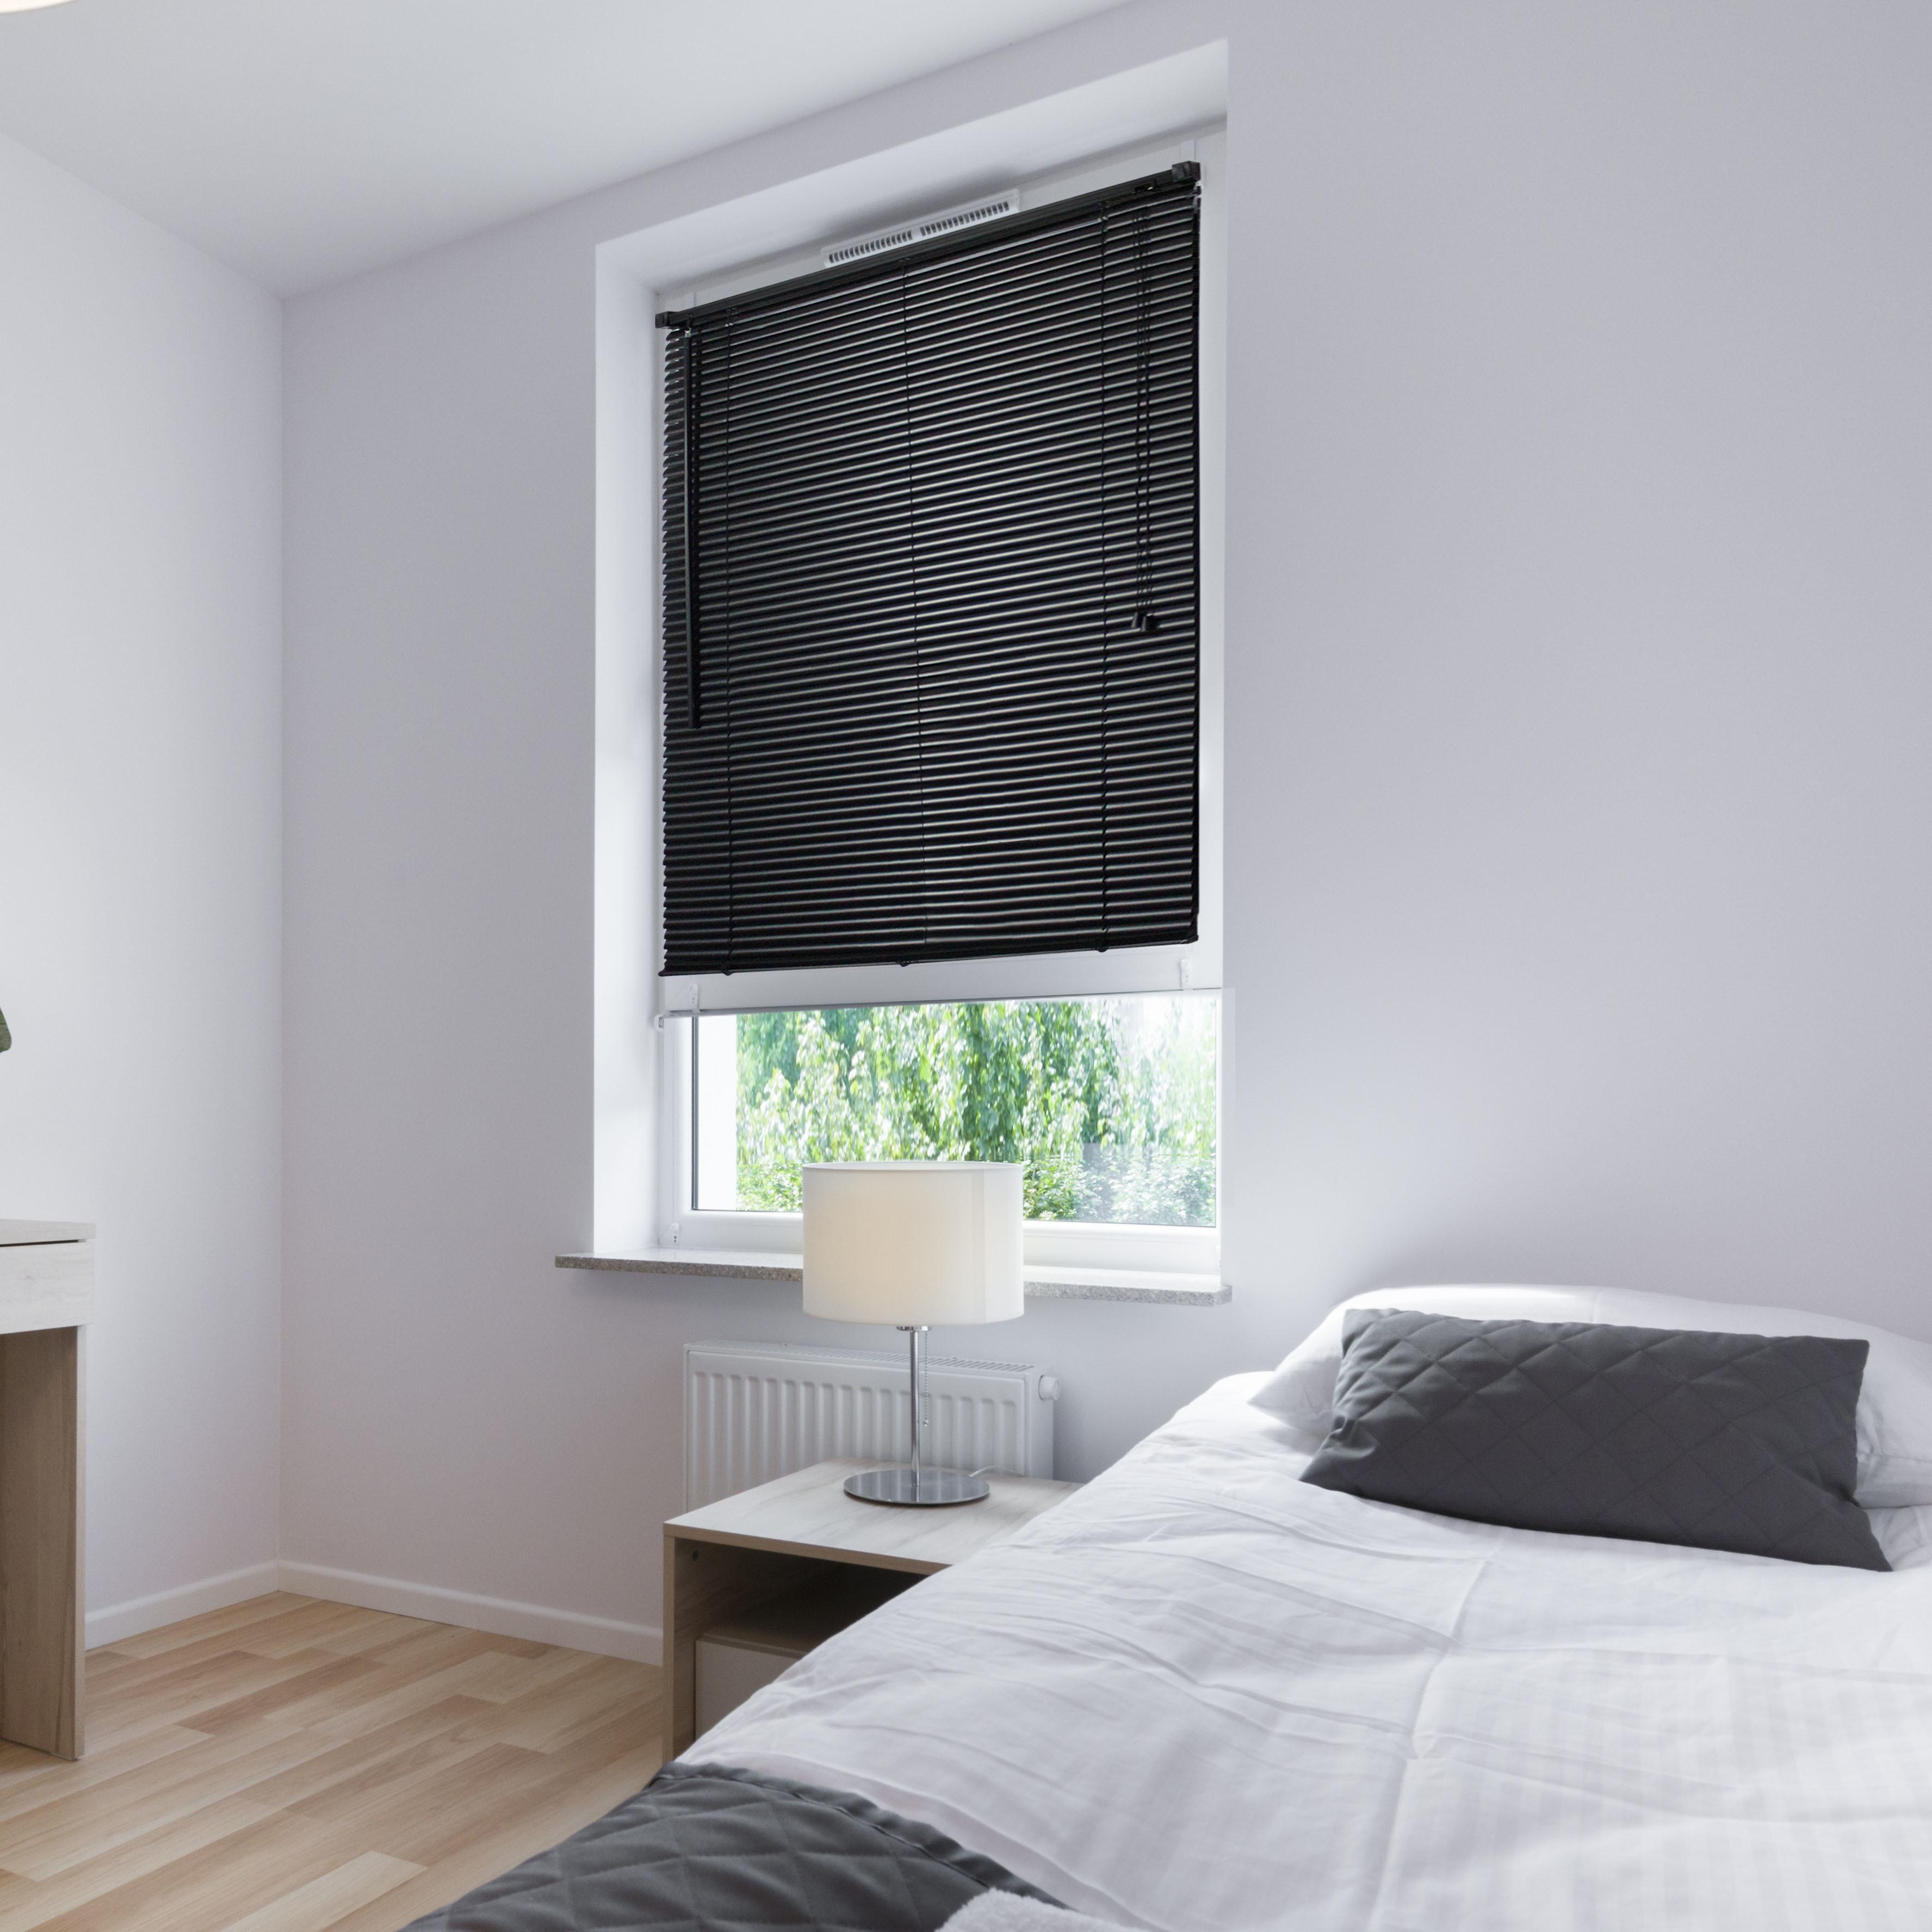 Excellent Menards Window Blinds for Best Window Blind Ideas: Menards Window Blinds | Menards Application | Telephone Number For Menards